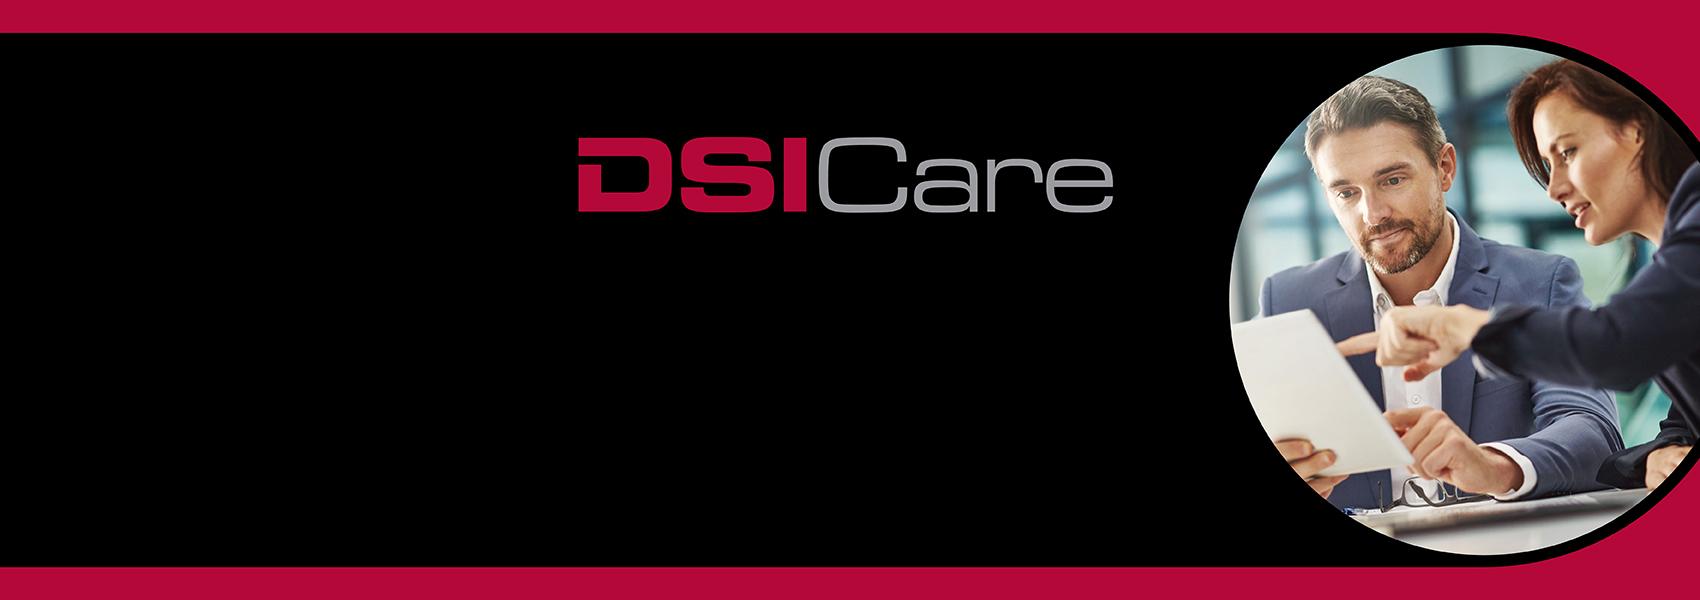 DSI Care-Slider-1700x600-v5